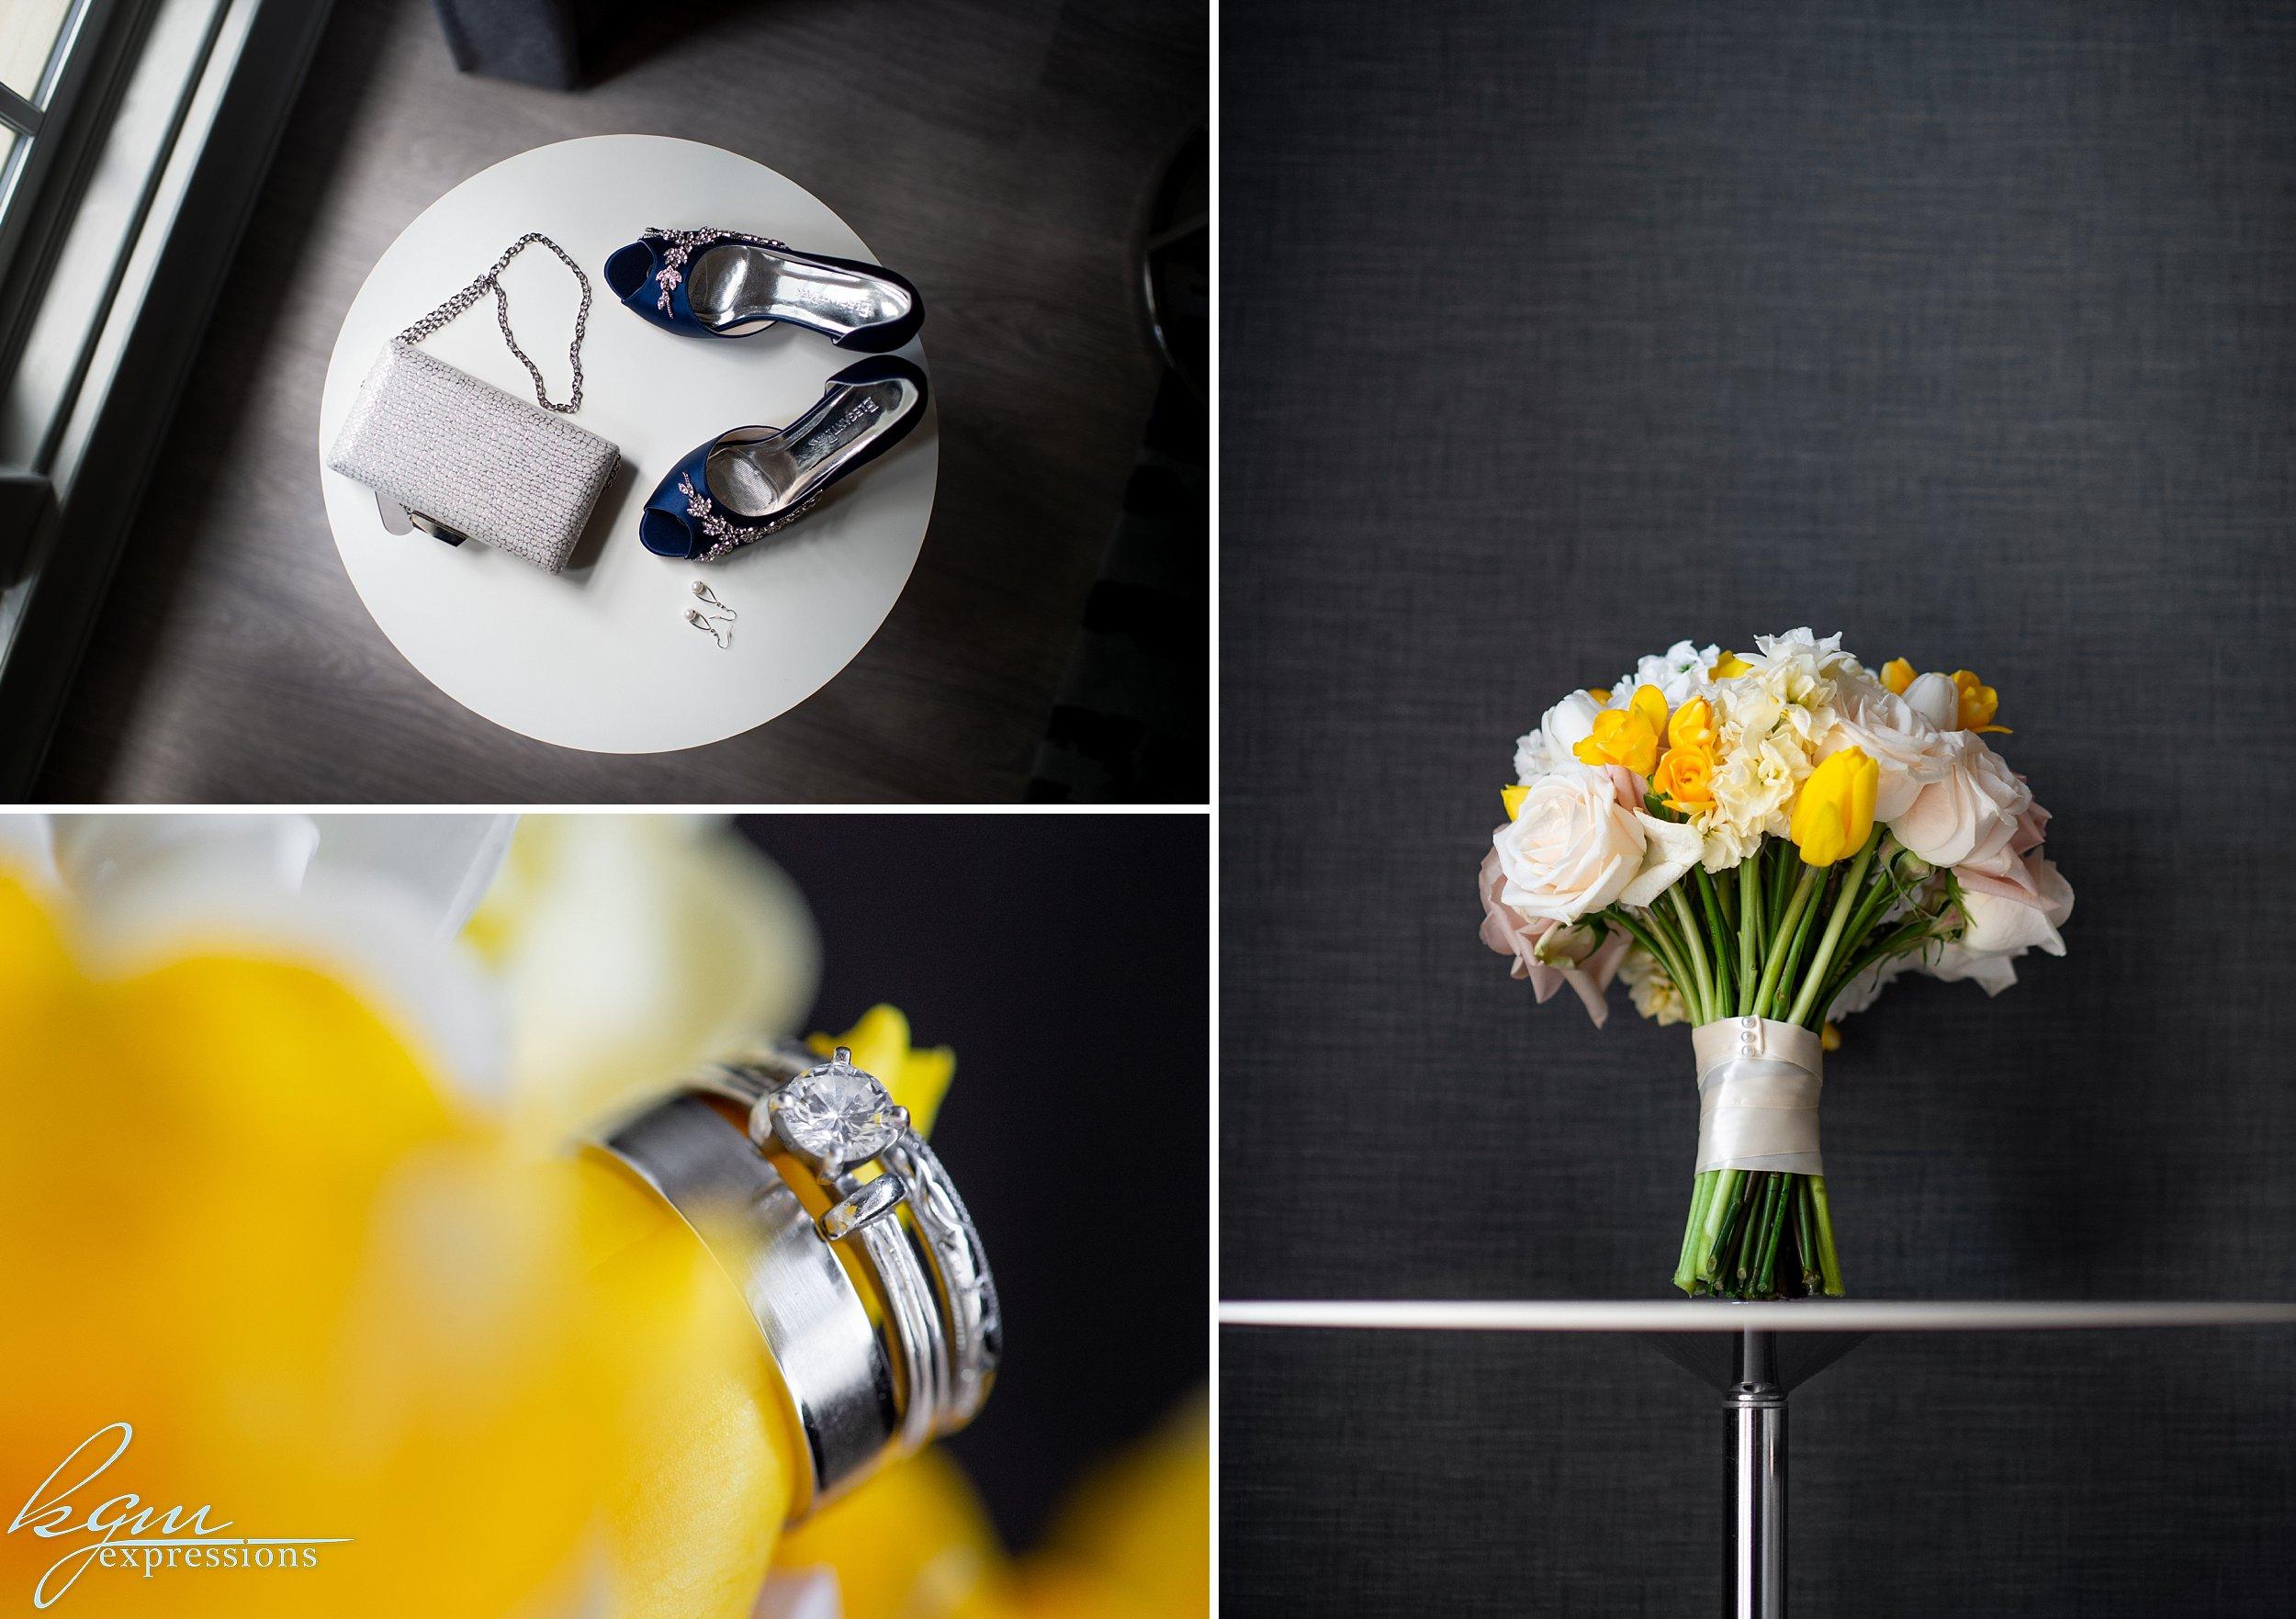 02_tir_na_nog_wedding.jpg